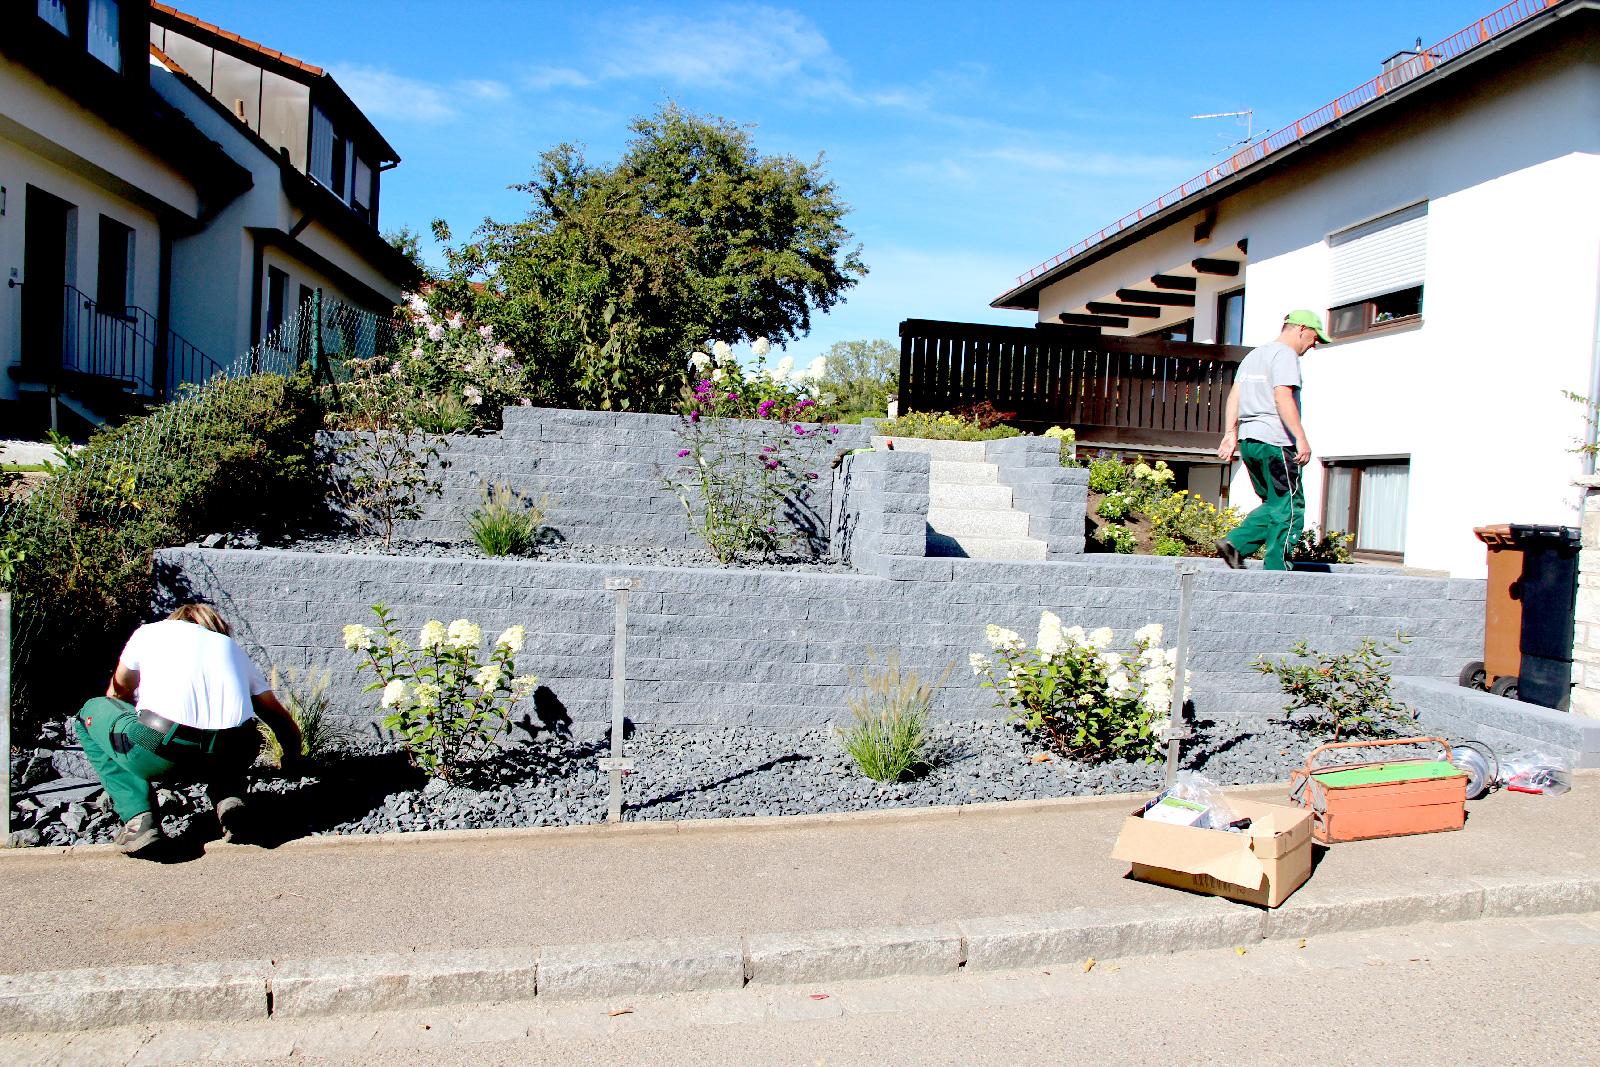 Während das Team um German Zeltner Gartenpflege betreibt, checkt GaLa-Chef Thomas Trisl mit einem Mitarbeiter das Bewässerungssystem einer Garten-Neugesaltung; wartet auf den Rollrasen.